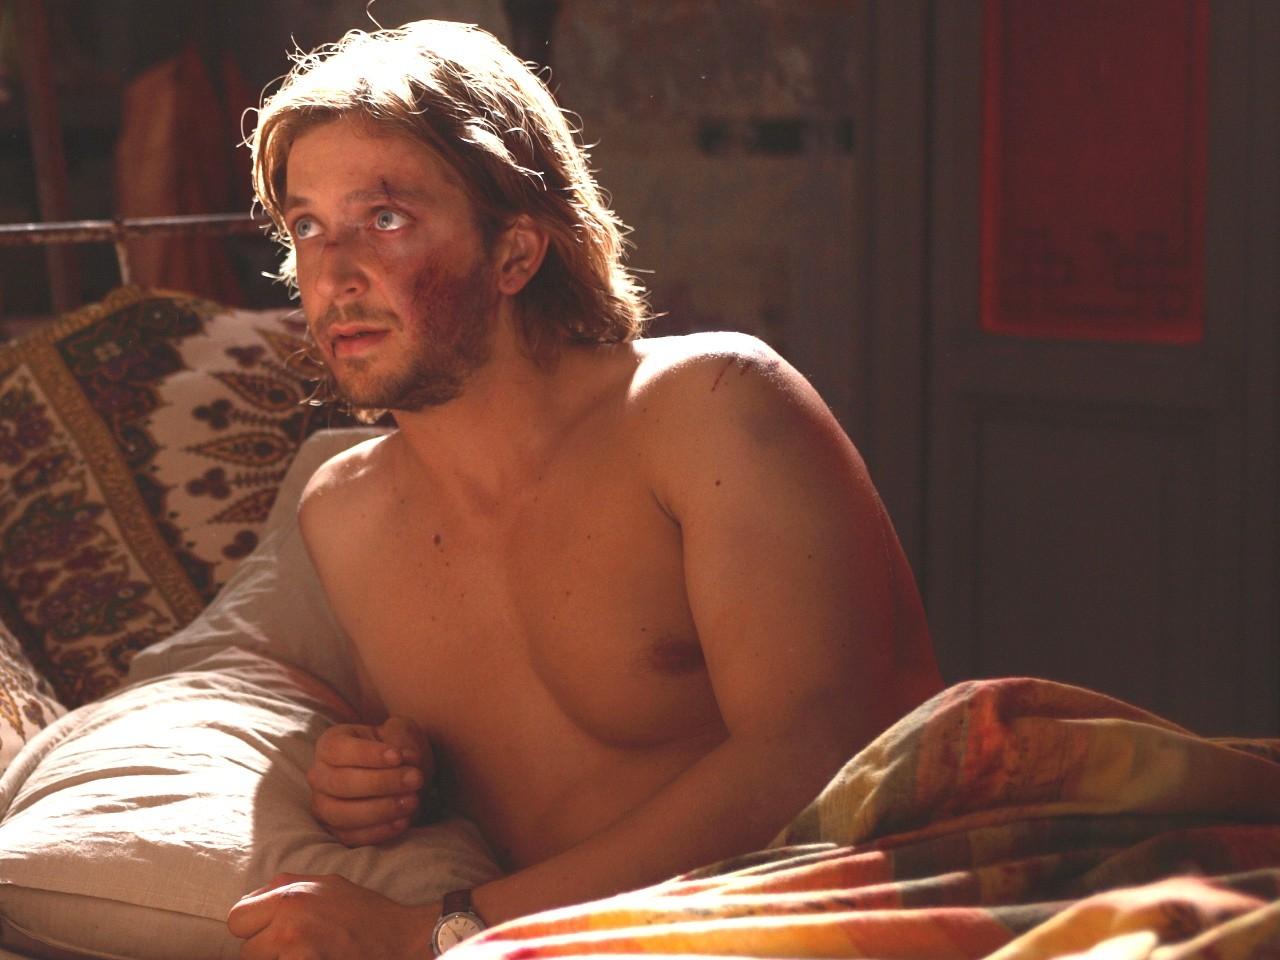 Wallpaper del film Parlami d'amore con Silvio Muccino a torso nudo